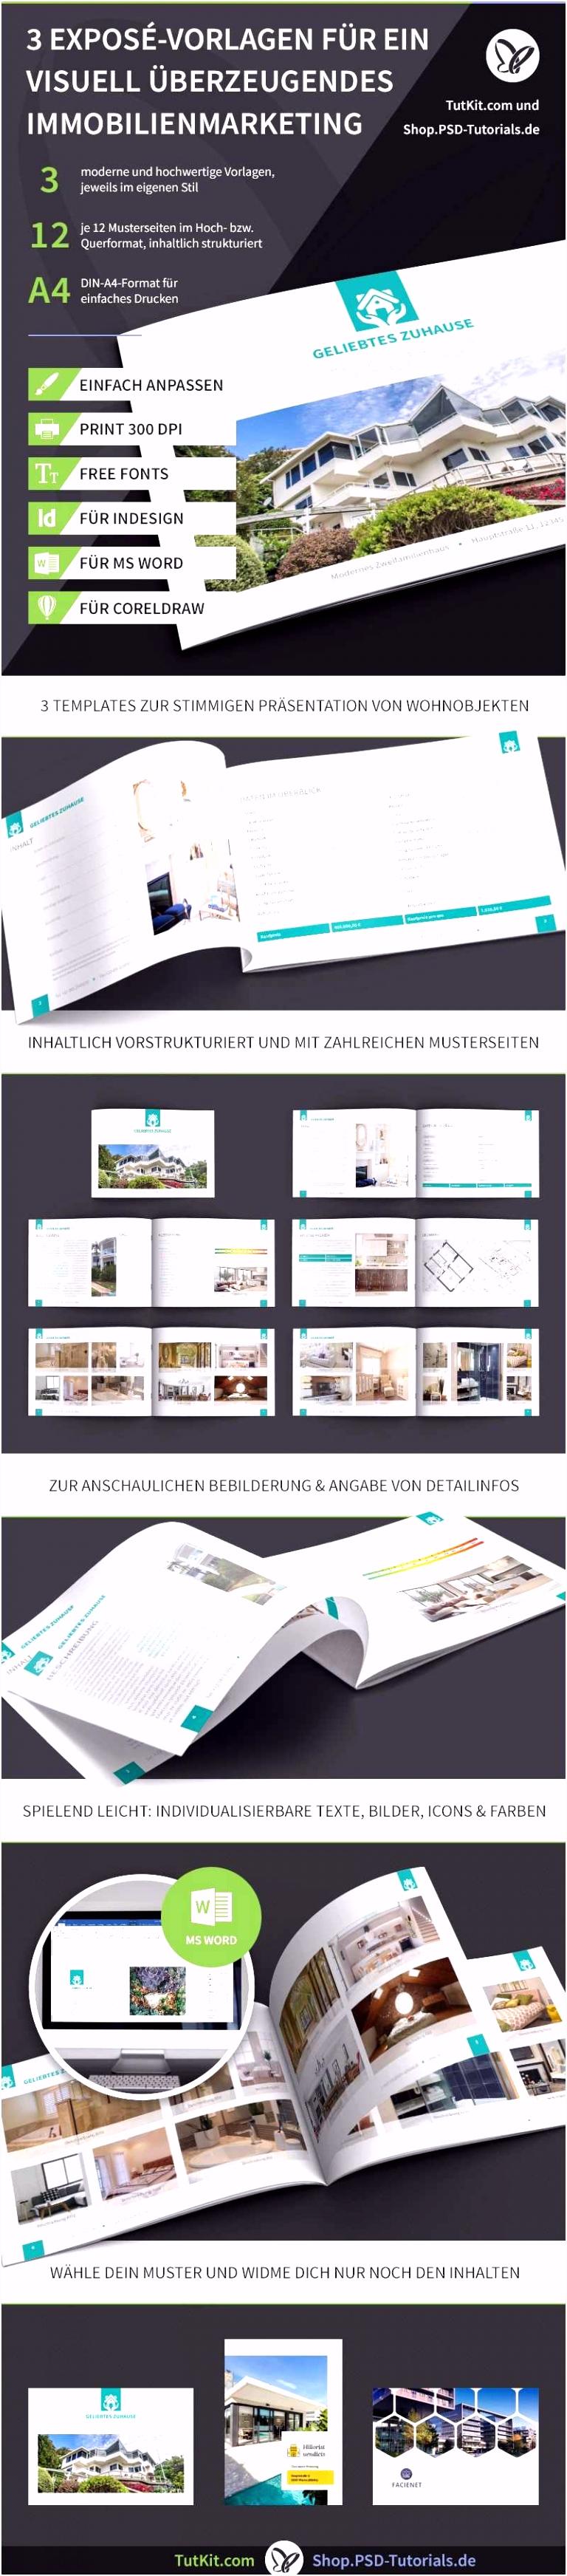 25 Frisch Immobilien Expose Vorlage Word